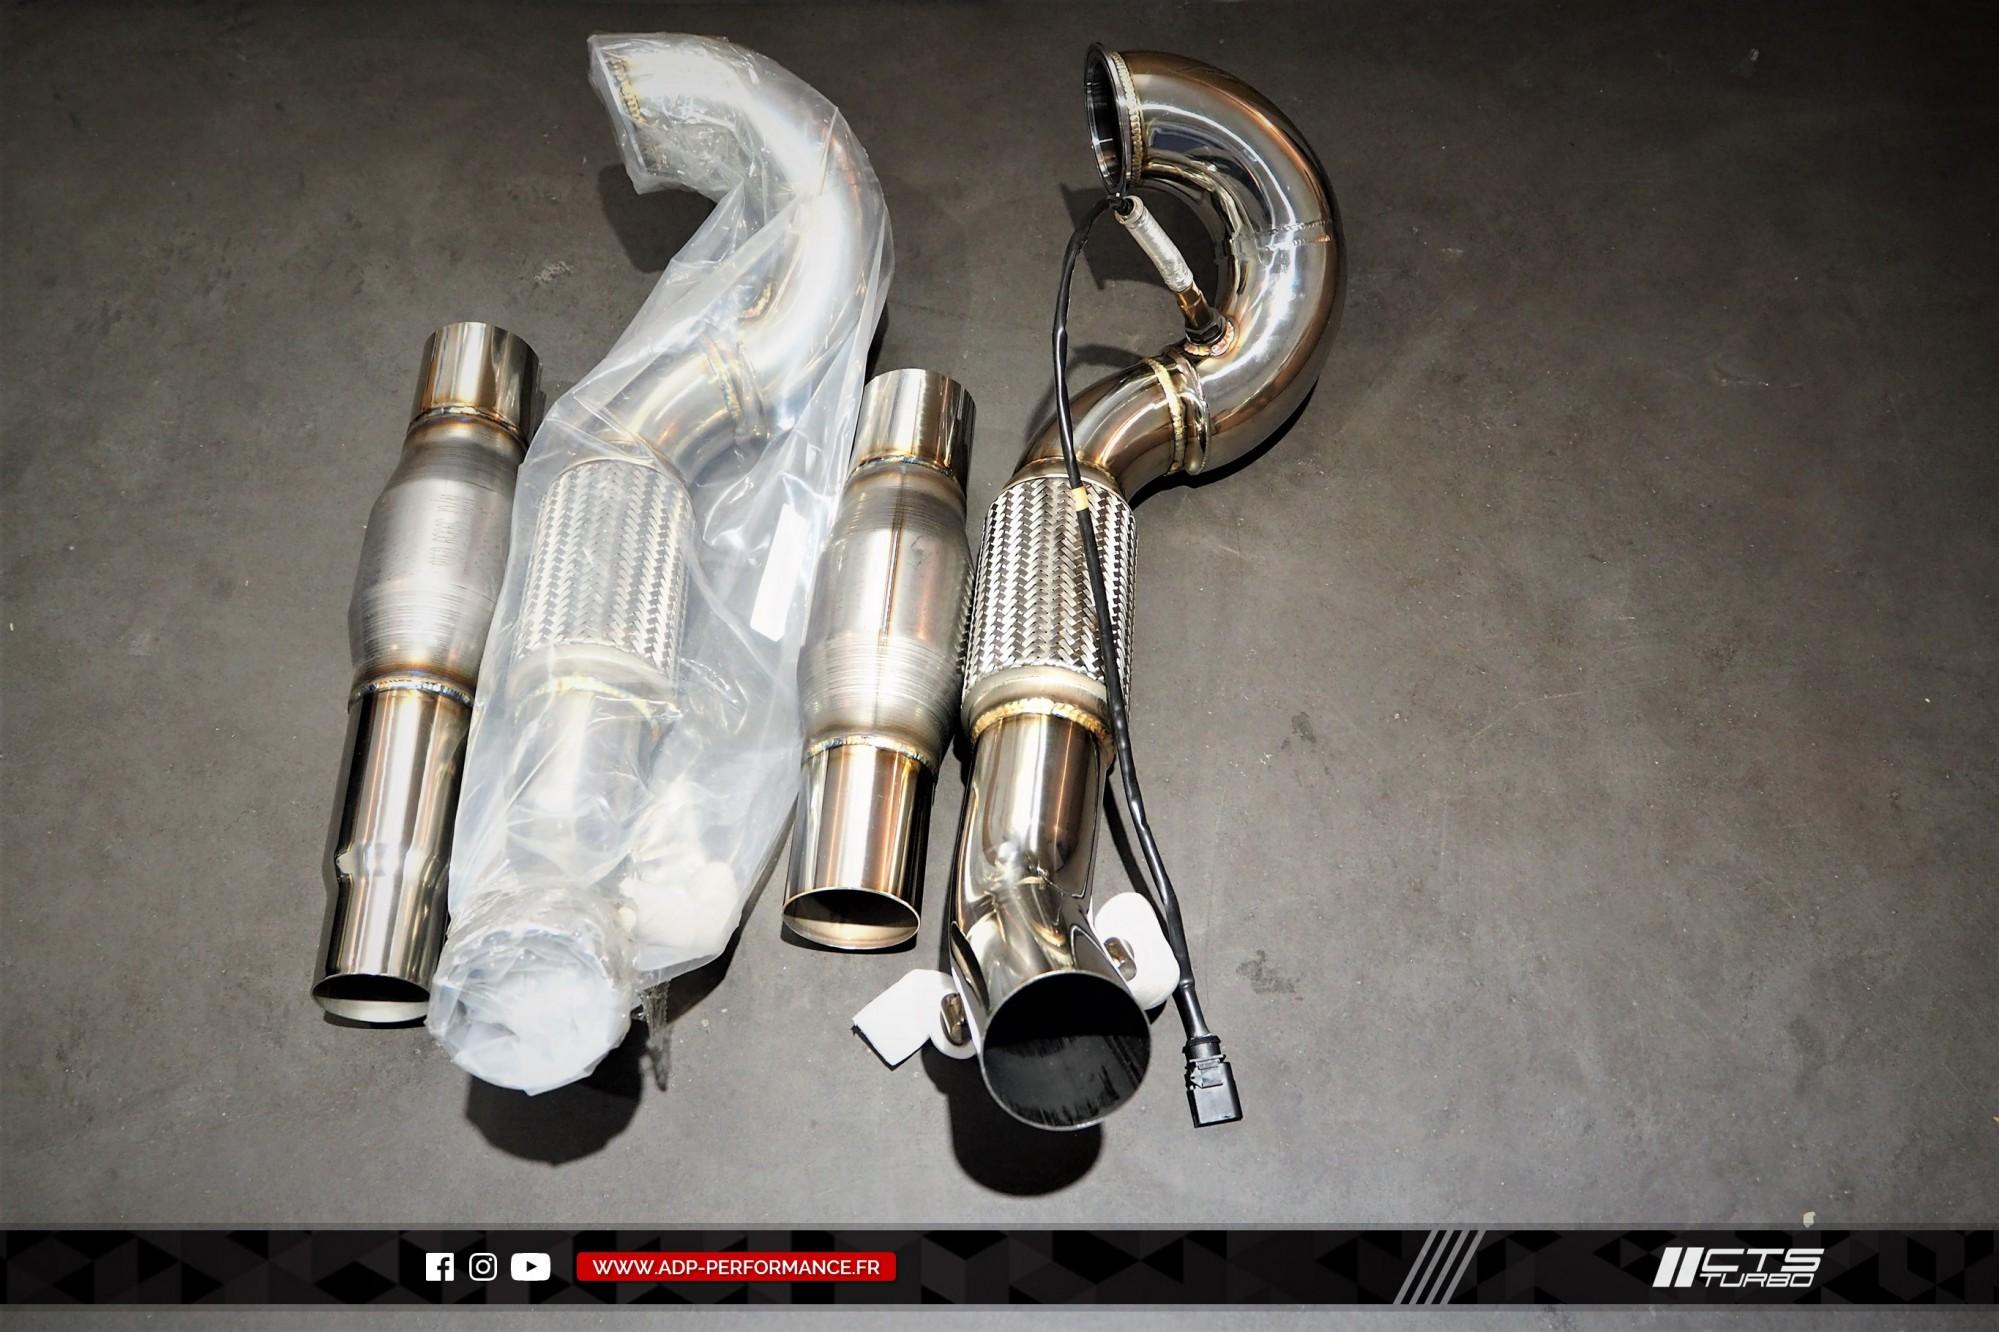 Ligne complète   catalyseur sport CTS Turbo Aix en Provence - VW Golf 7 GTI - ADP Performance